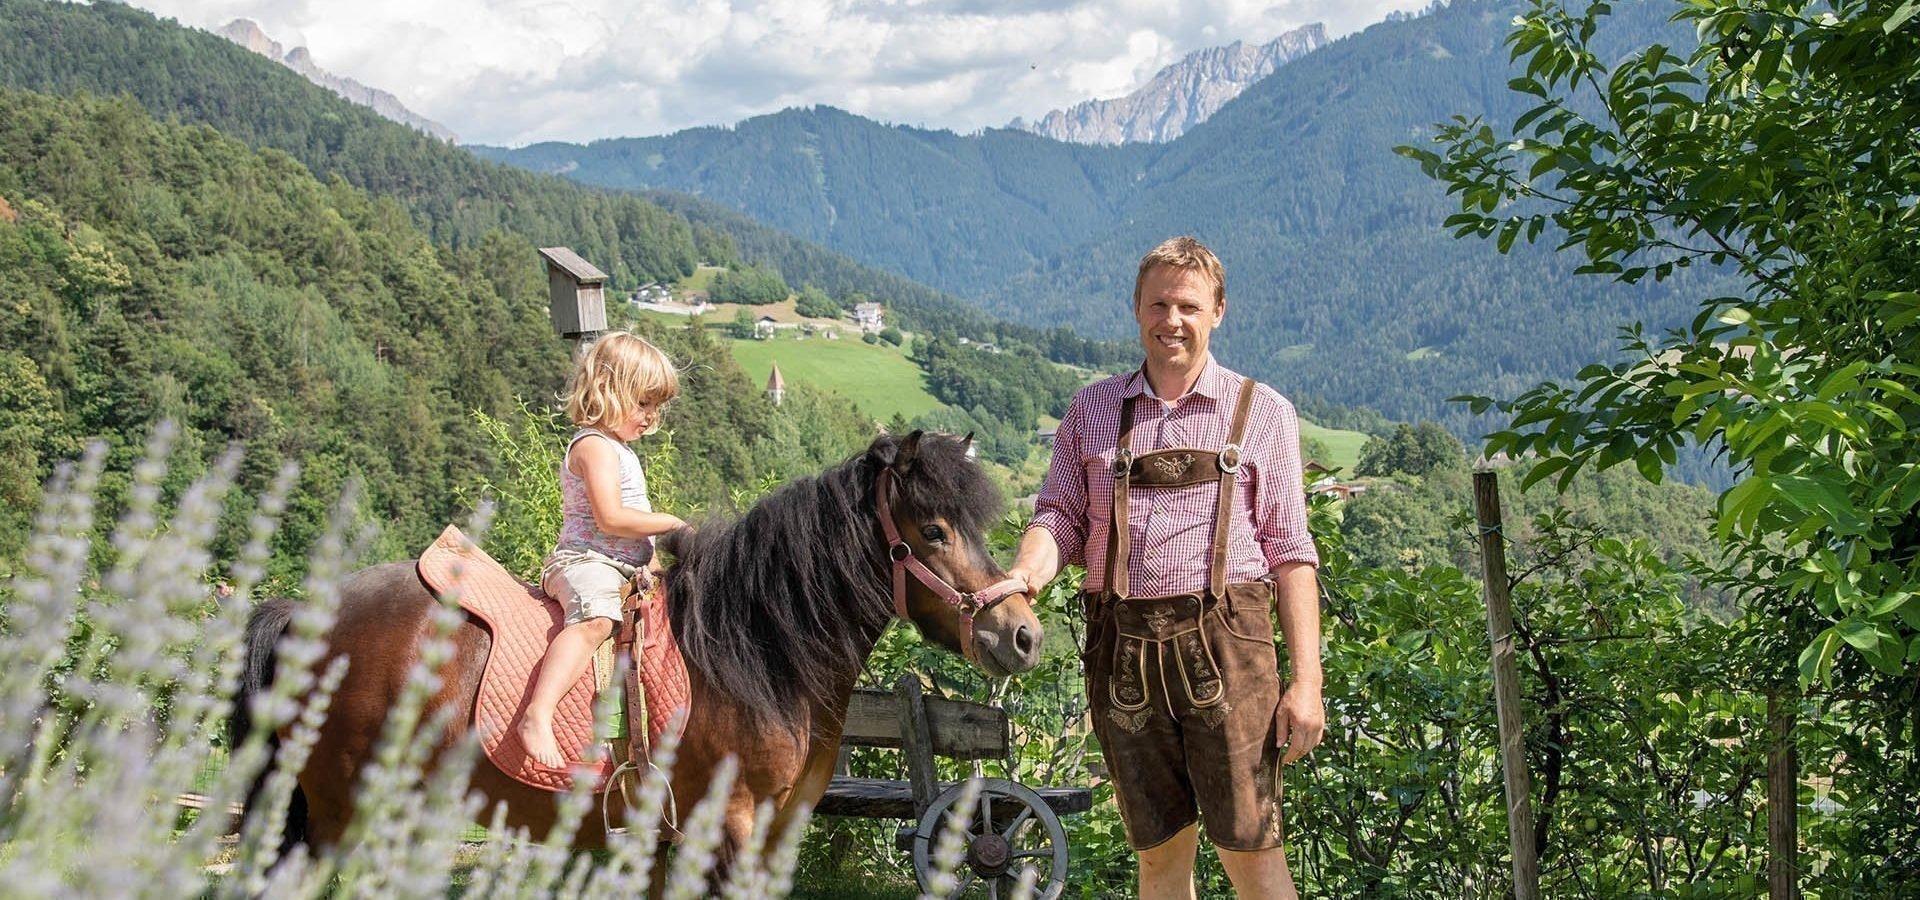 Kinderurlaub am Bauernhof Südtirol